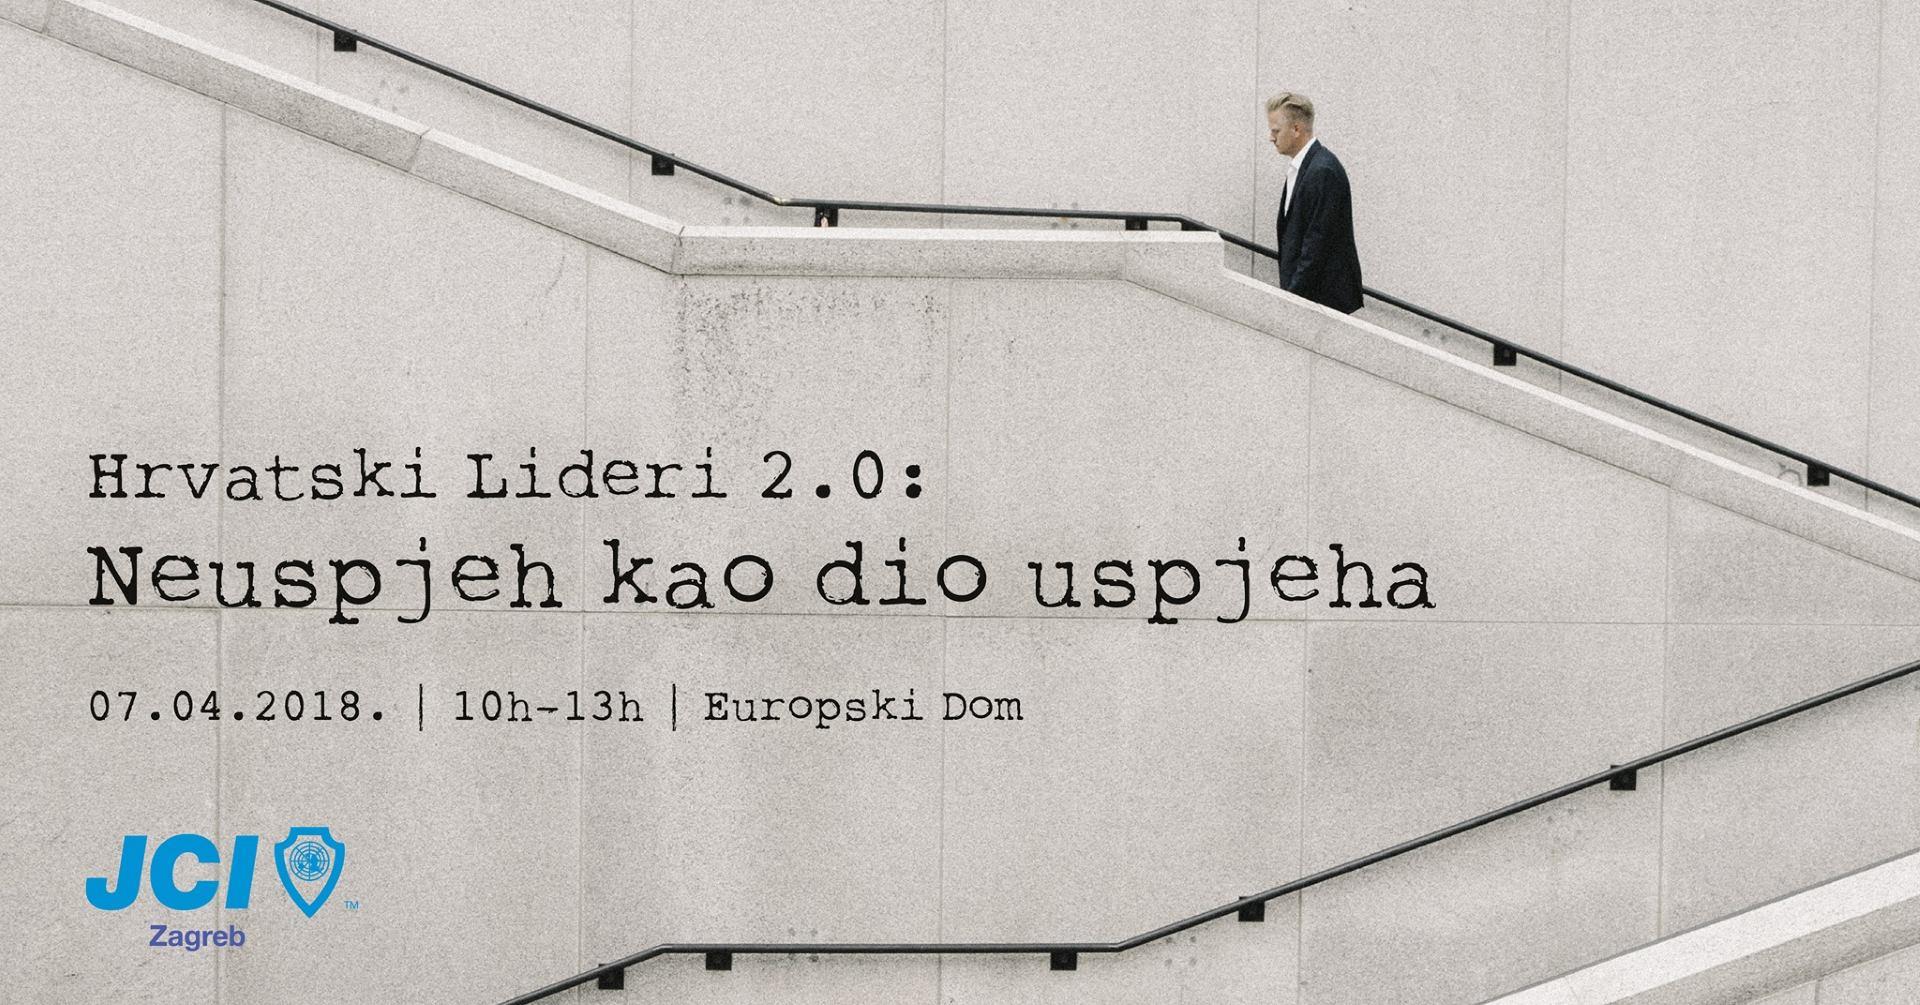 Konferencija Hrvatski lider 2.0: Neuspjeh kao dio uspjeha